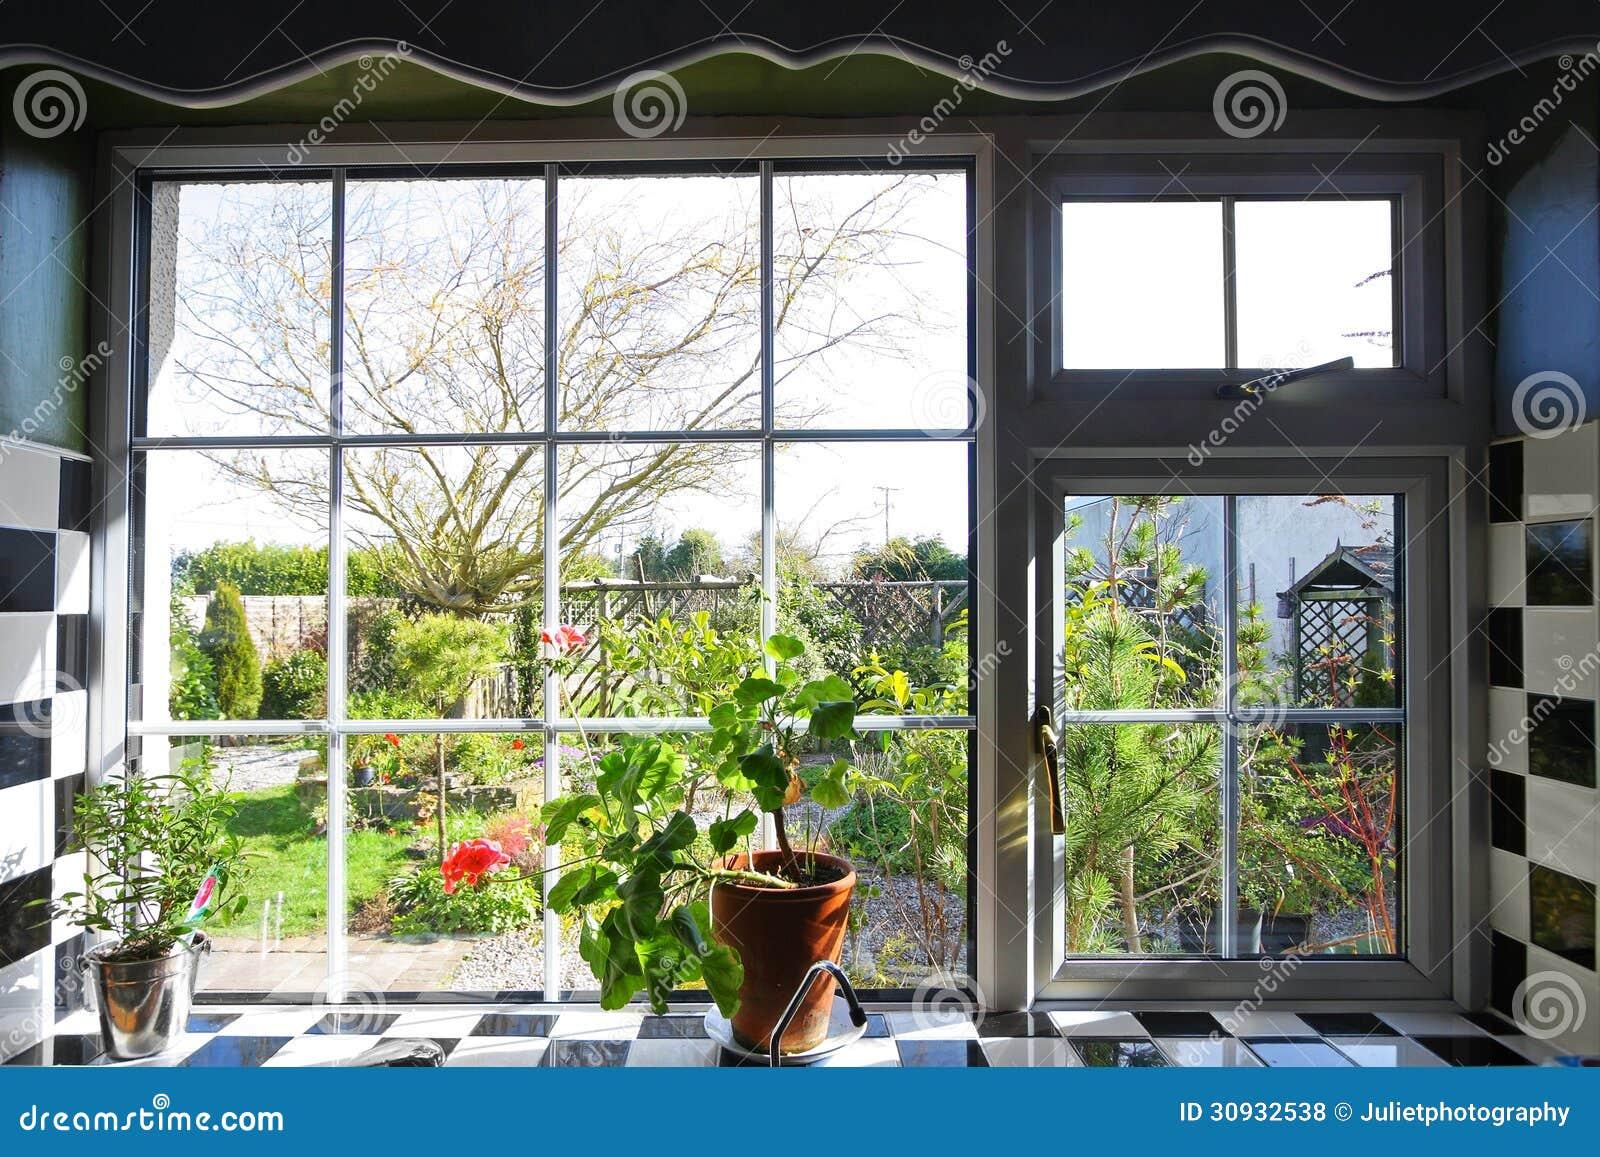 janela da cozinha com vista no jardim 30932538.jpg #7E9932 1300x957 Banheiro Com Vista Para Jardim